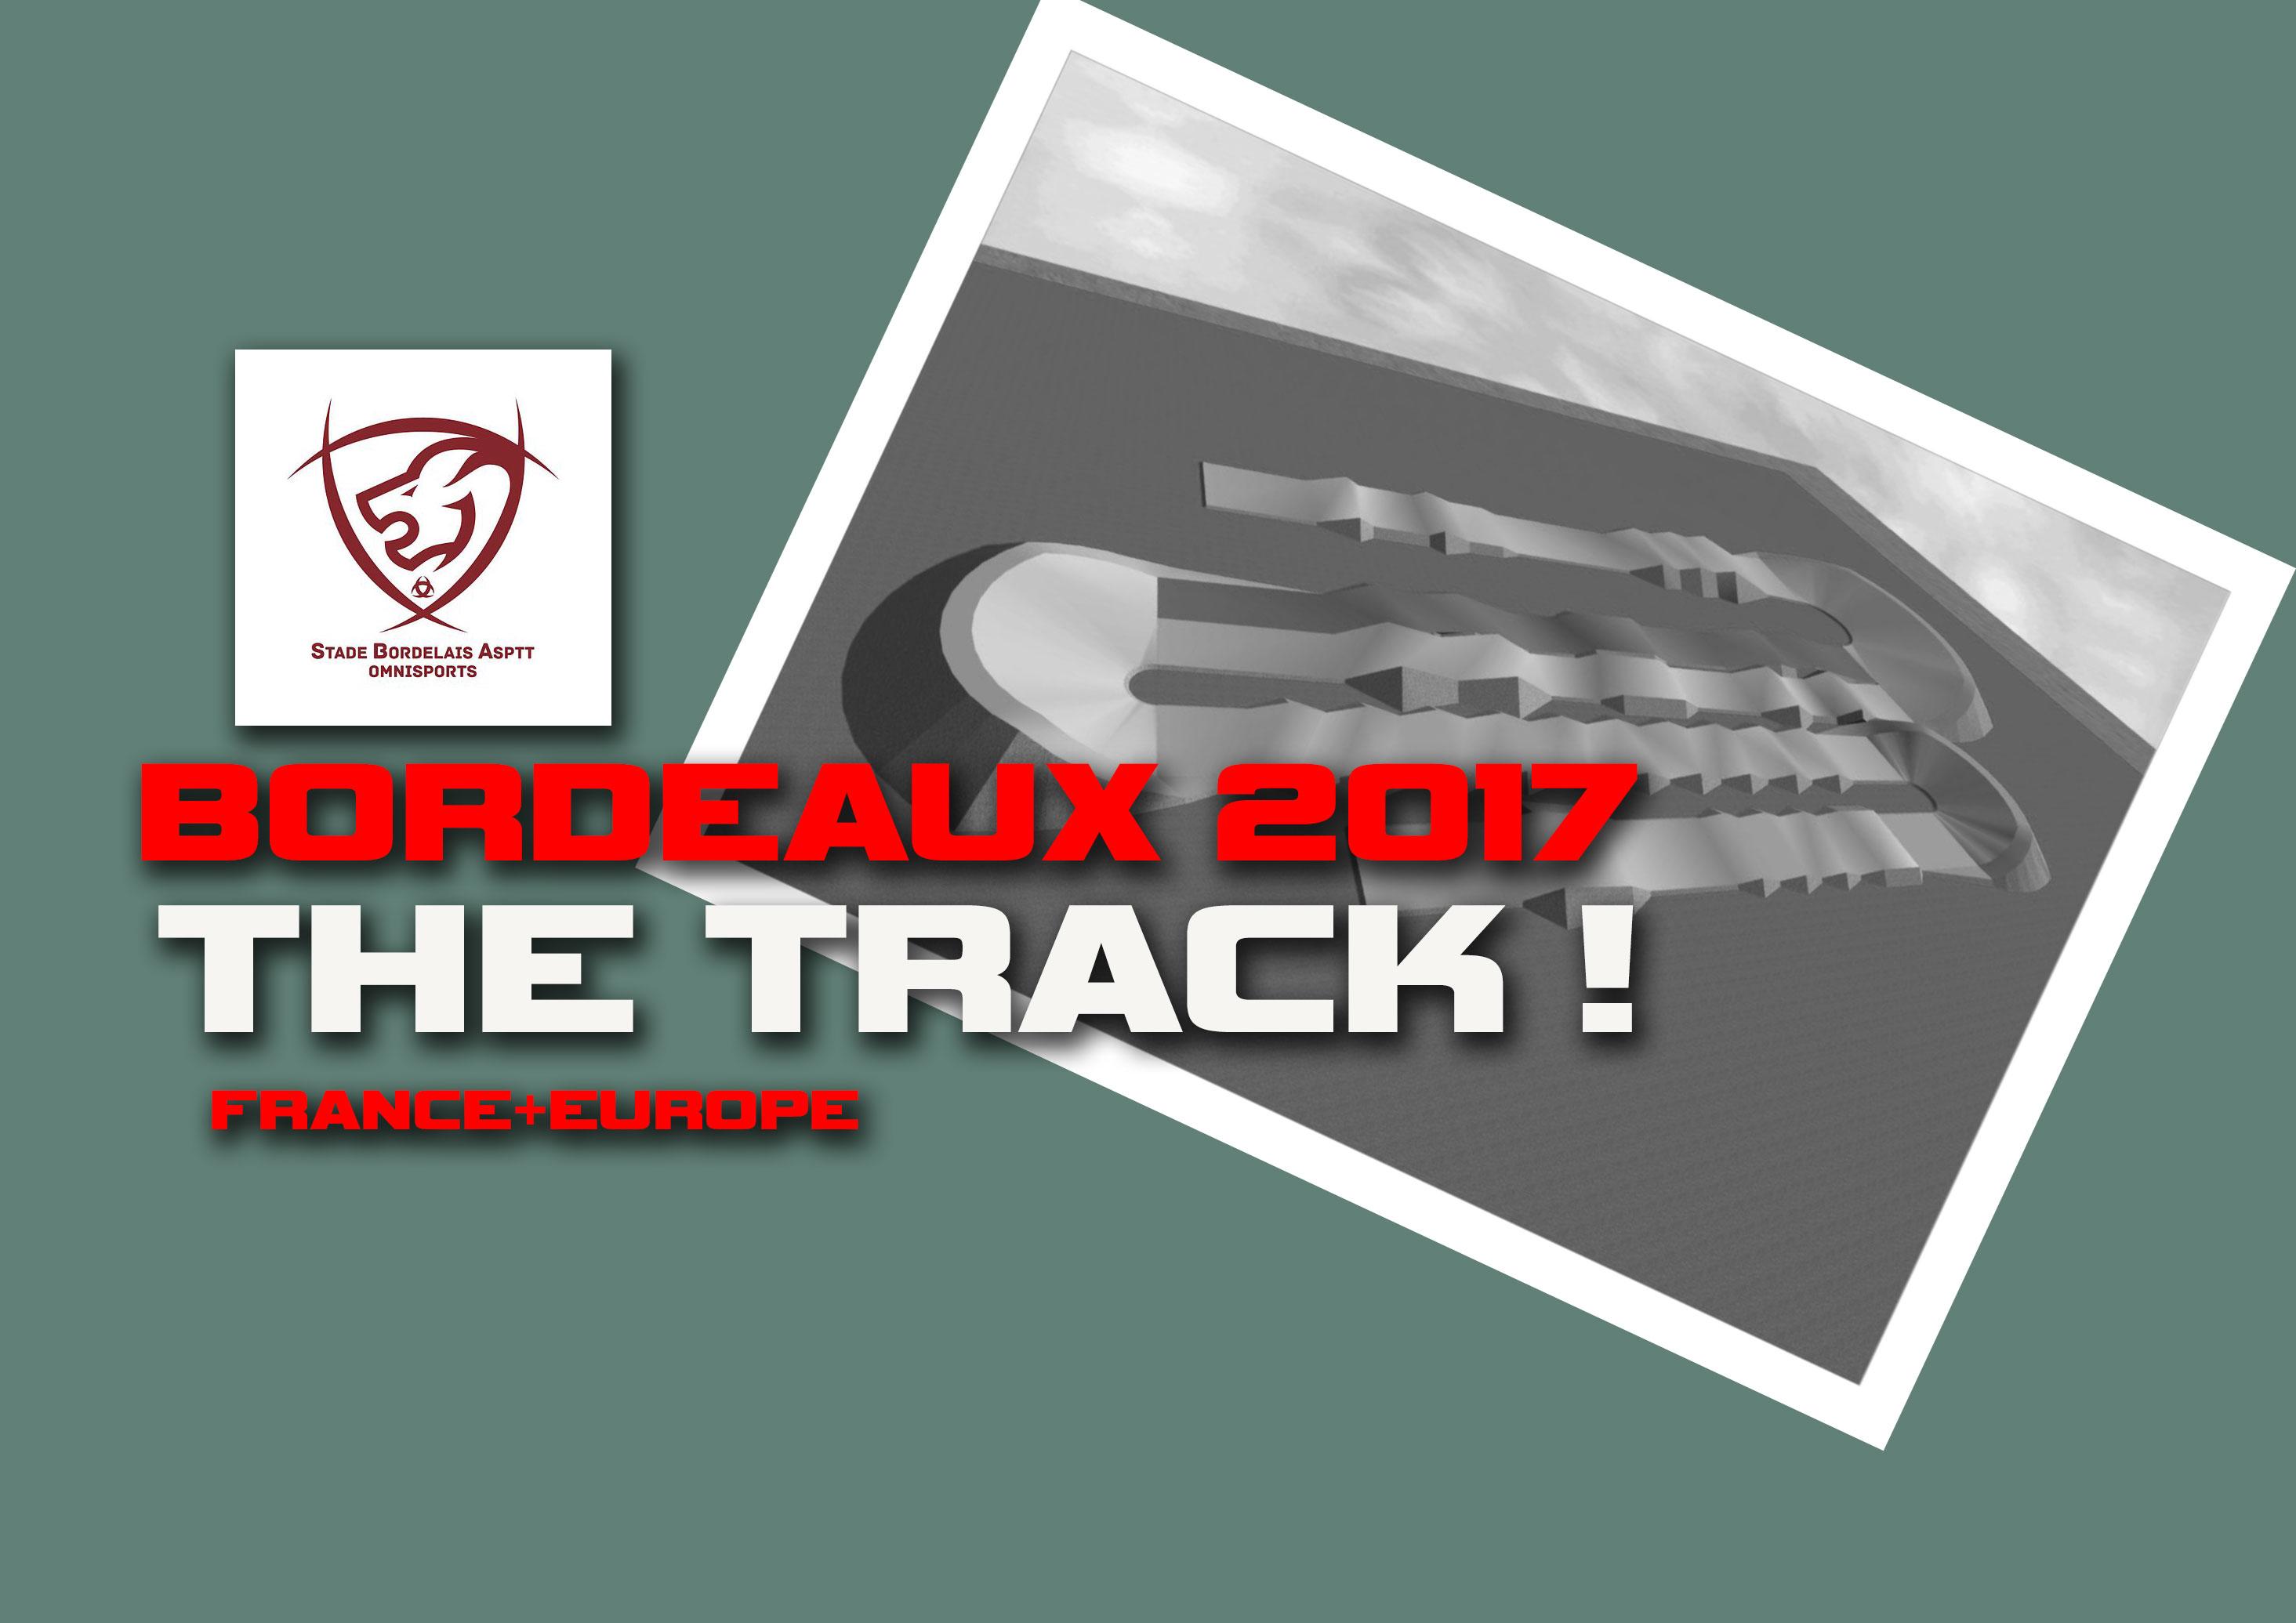 Bordeaux 2017 France/Euro= La piste !